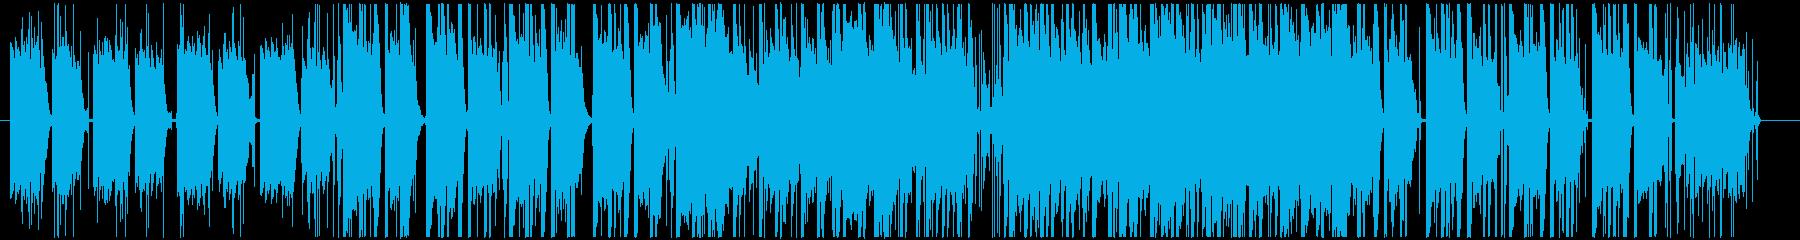 Lo-fiHipHop風なピアノ曲の再生済みの波形